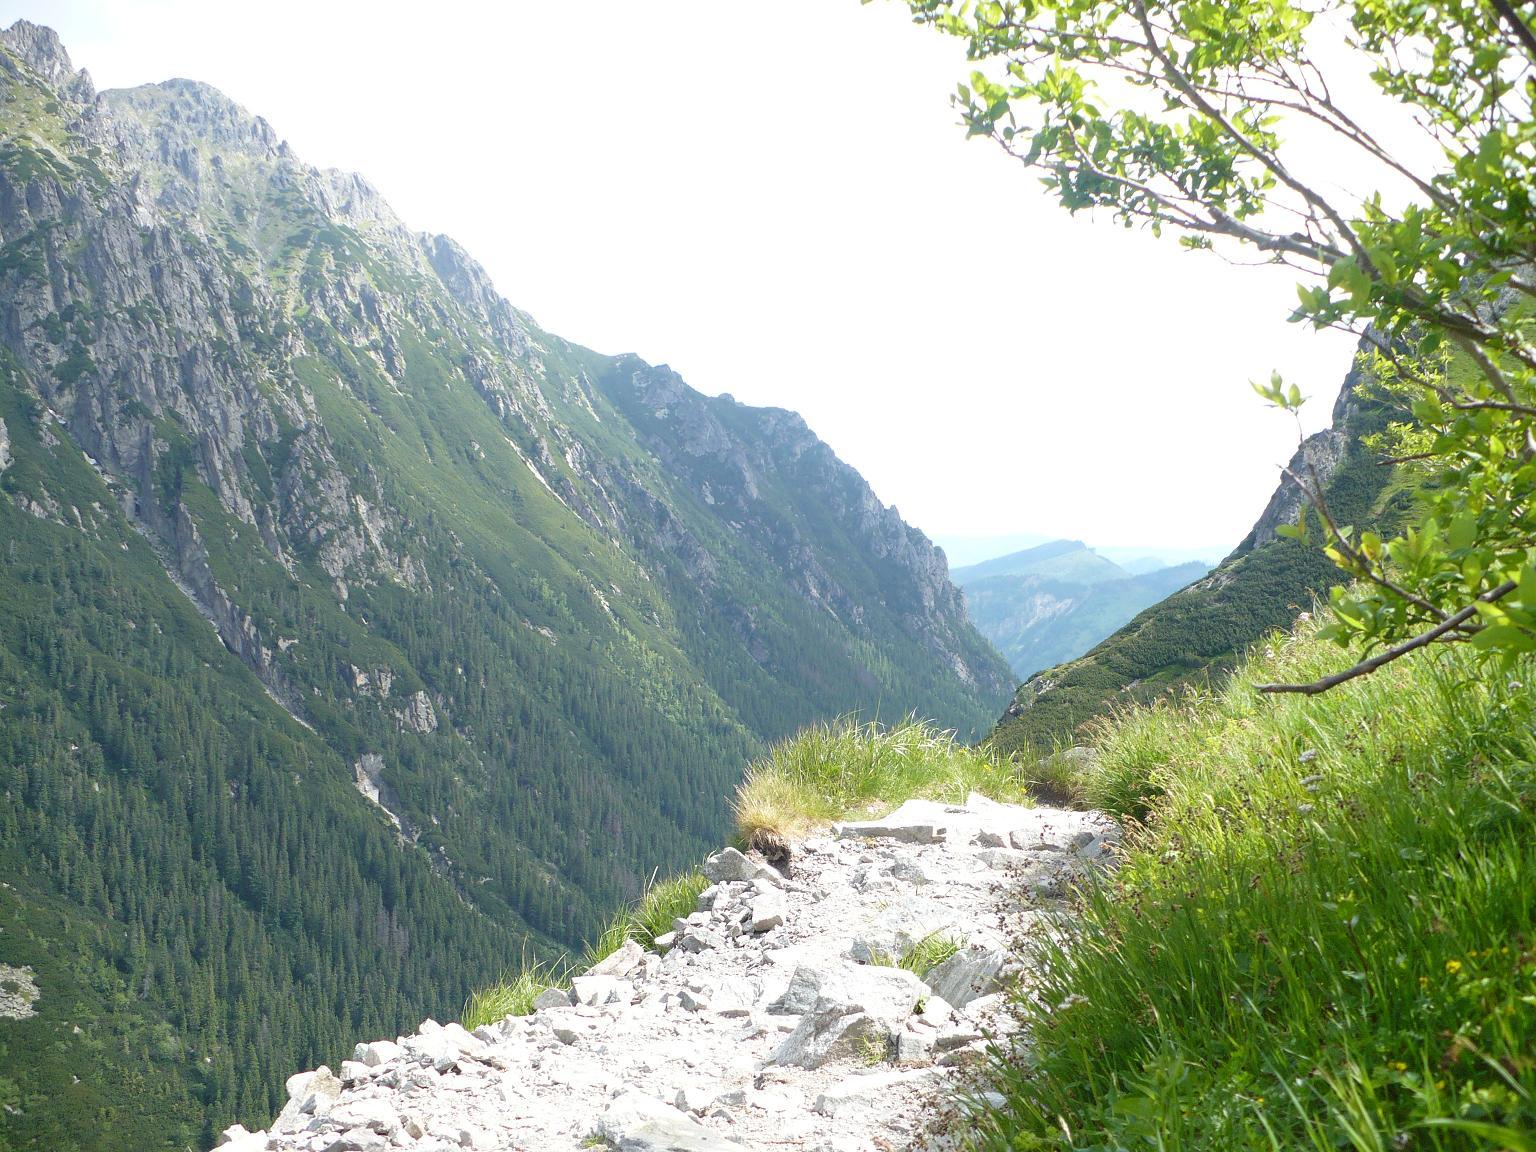 Droga do Doliny 5 Stawów